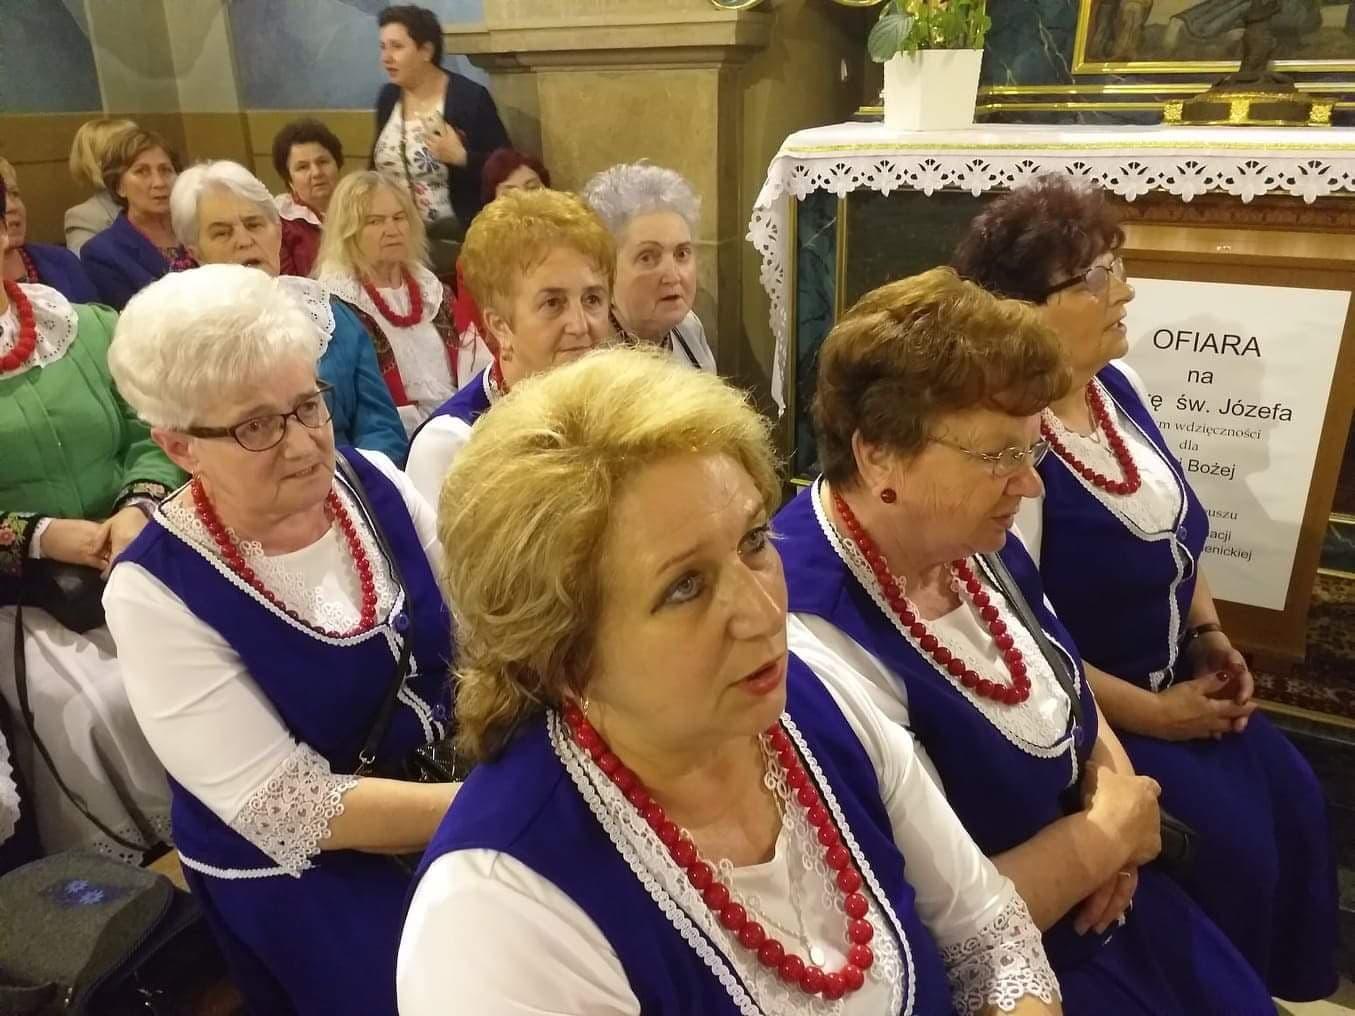 Oglądasz obraz z artykułu: KGW - u Matki Bożej Myślenickiej w kaplicy Cudownego Obrazu.